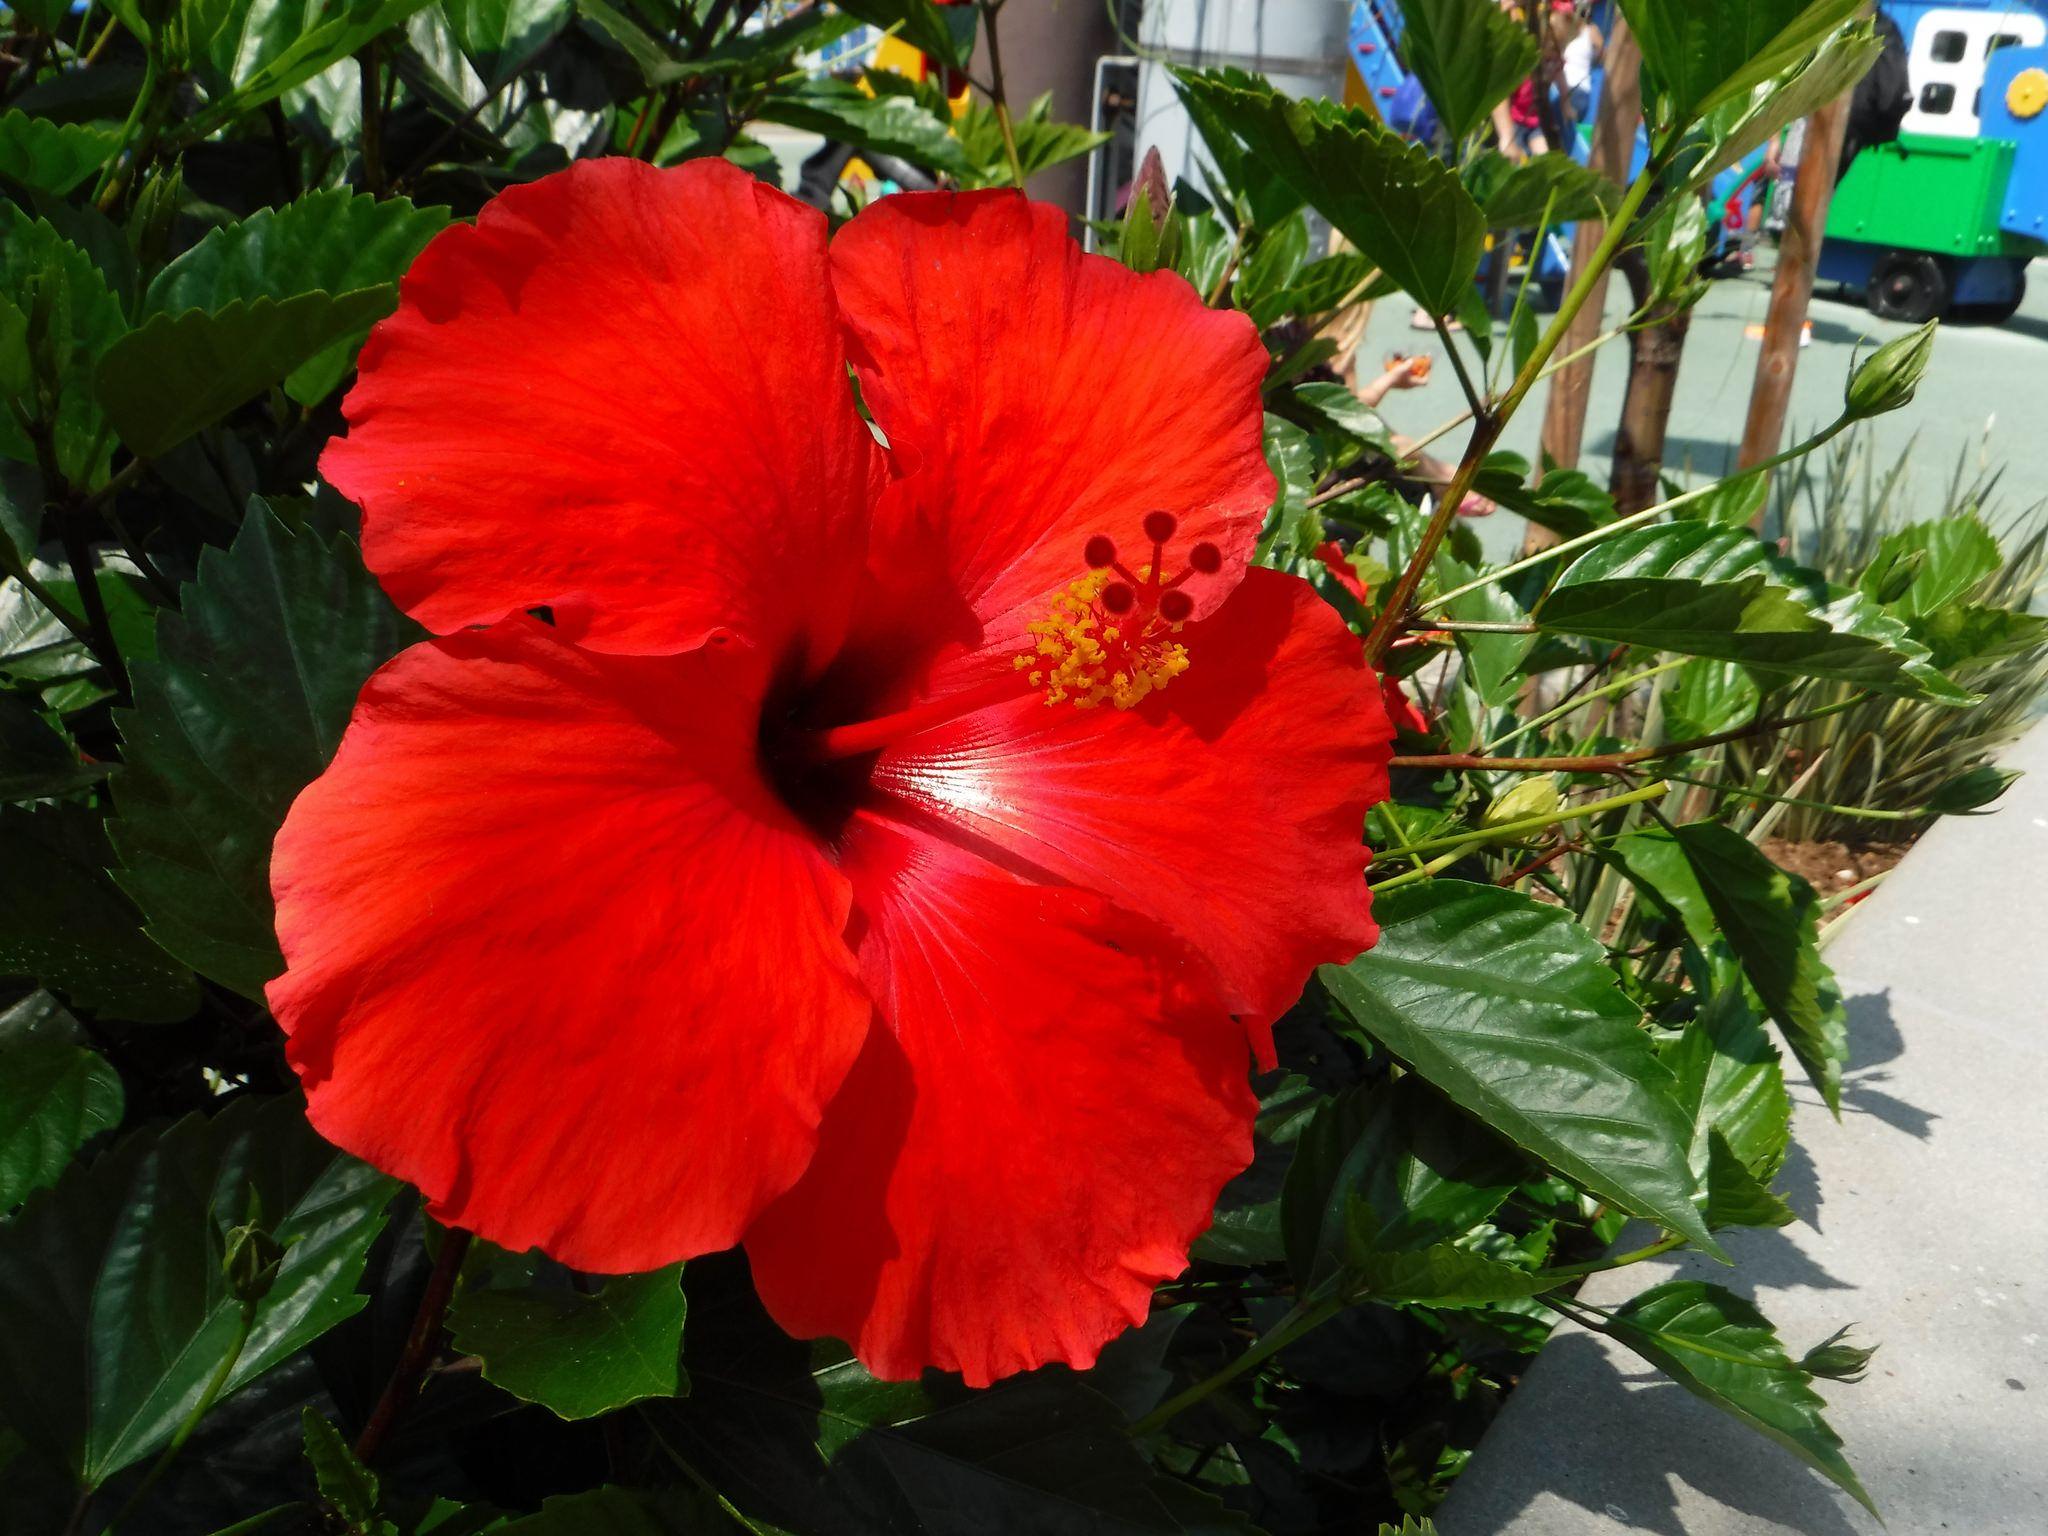 Red hibiscus flower 2048 x 1536 oc want an ipad air air 2 air red hibiscus flower 2048 x 1536 oc want an ipad air izmirmasajfo Choice Image